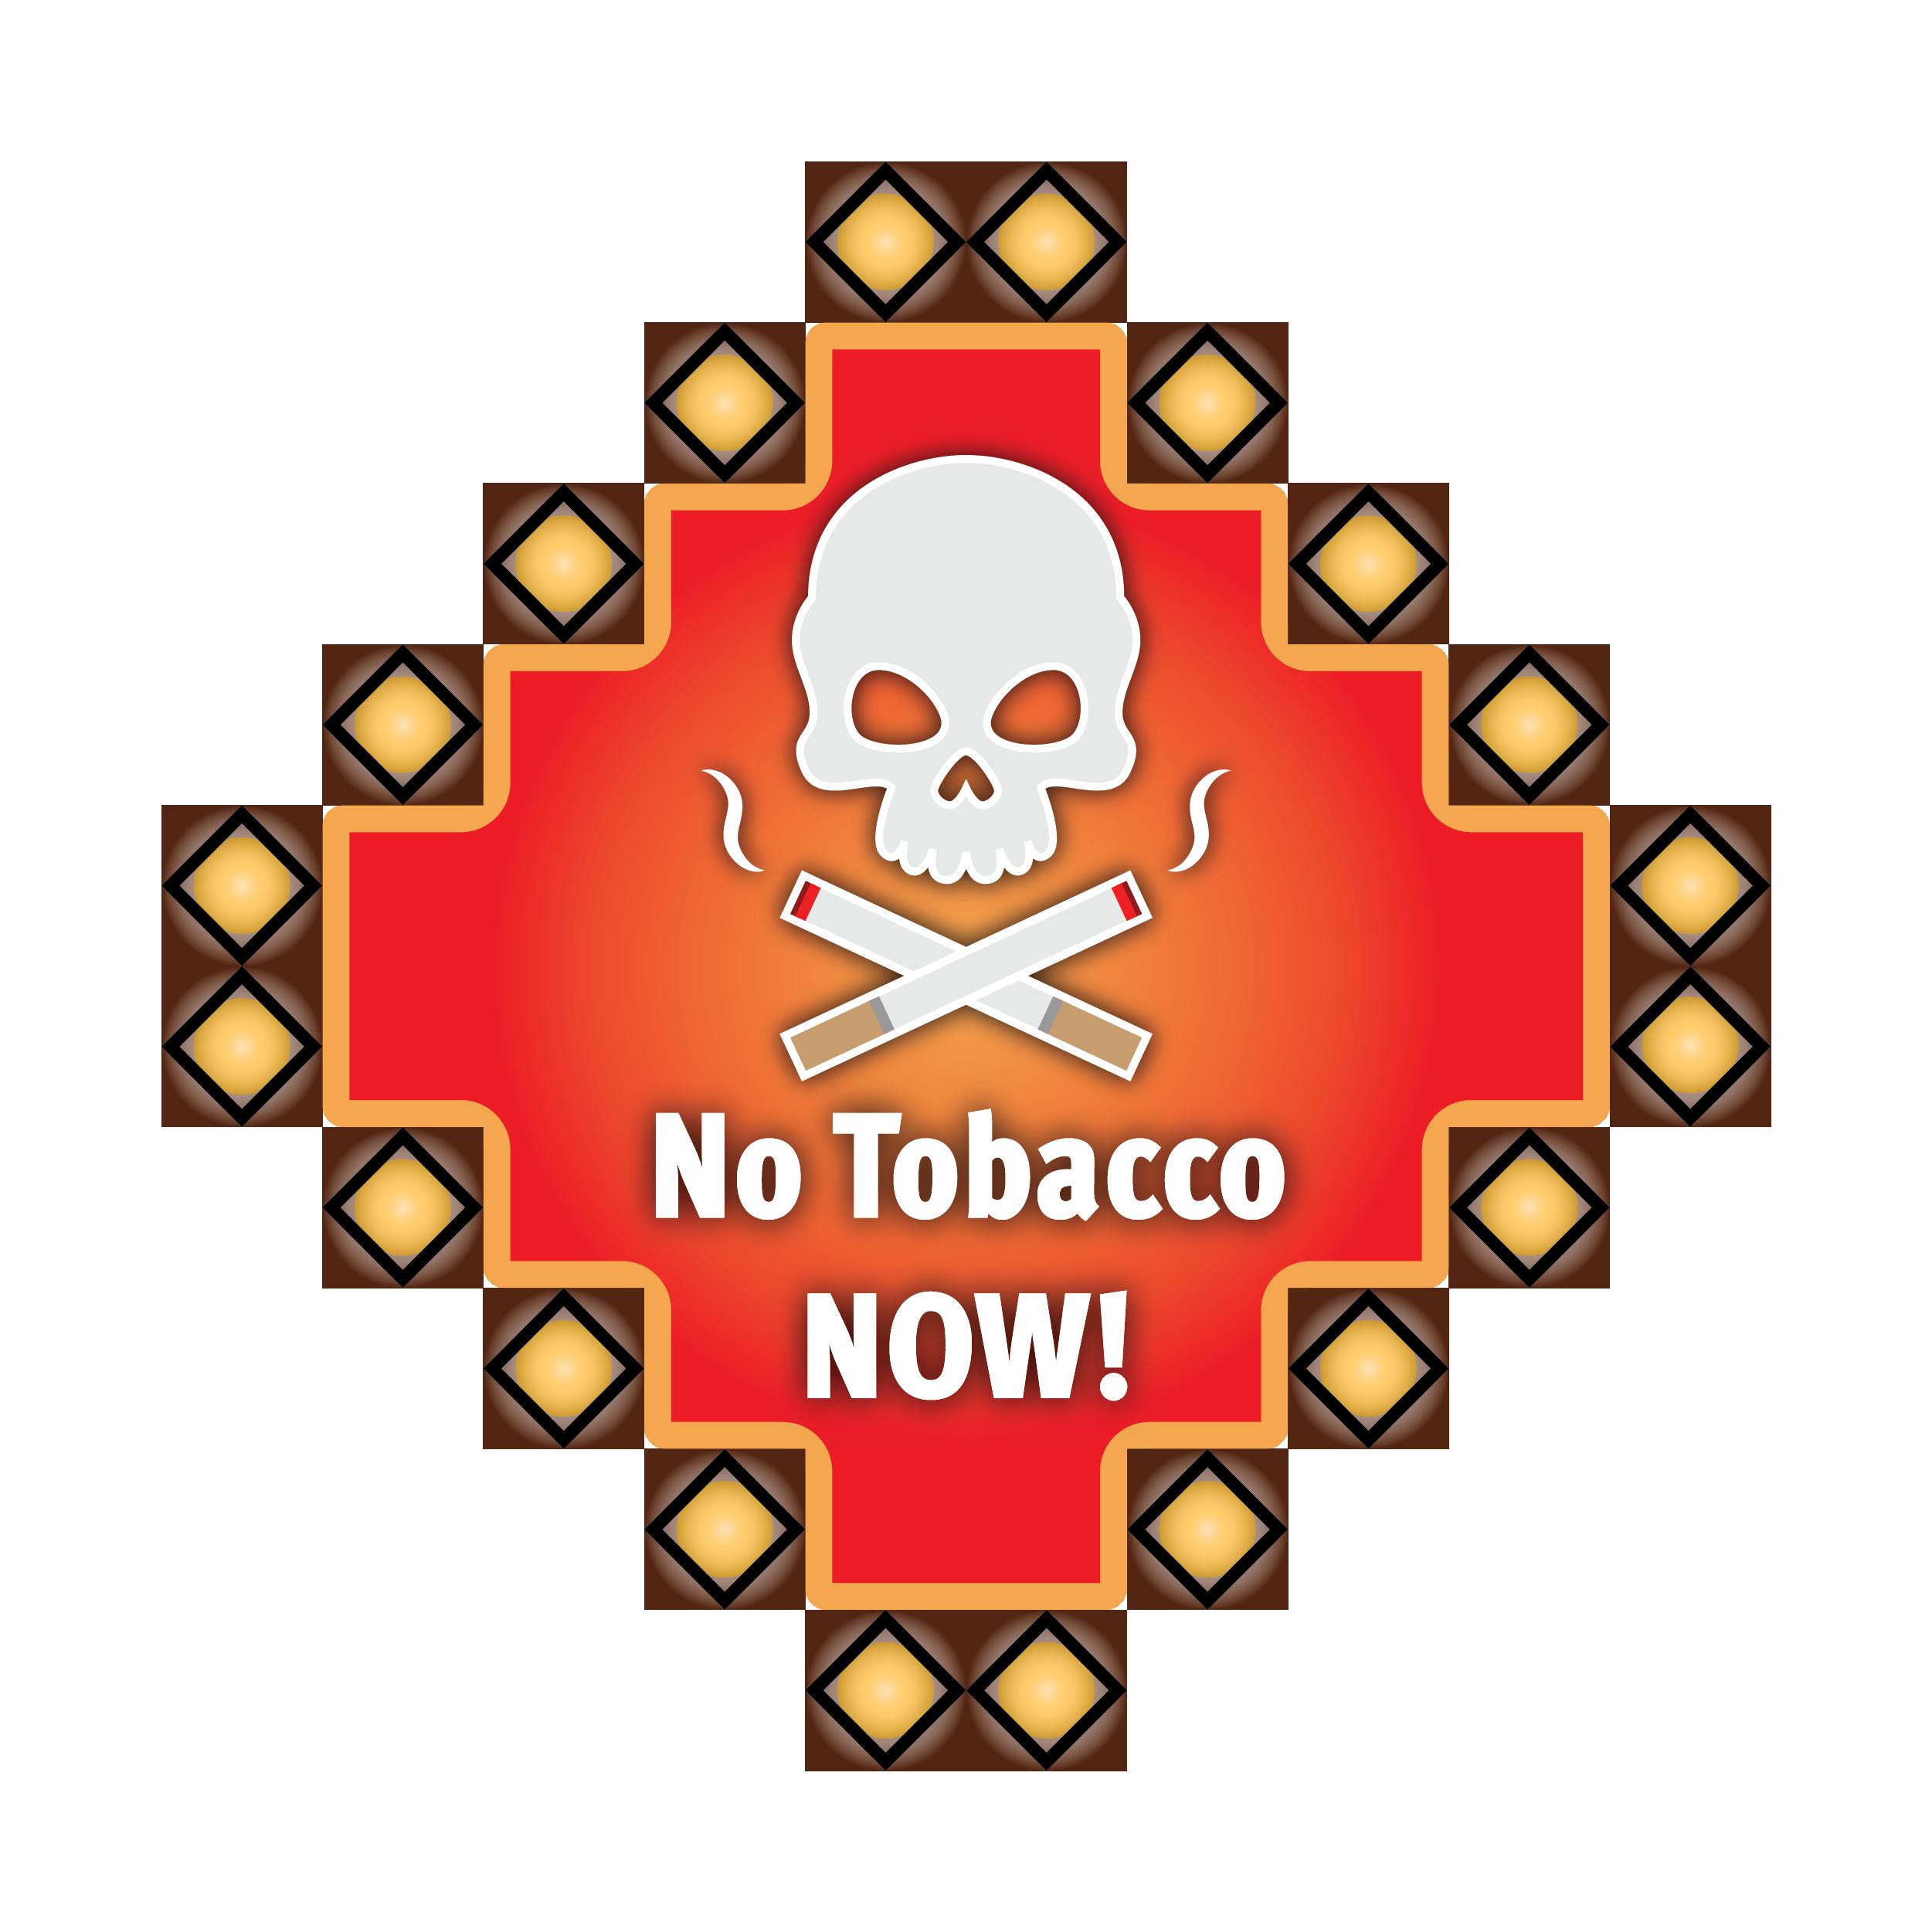 No Tobacco Now!